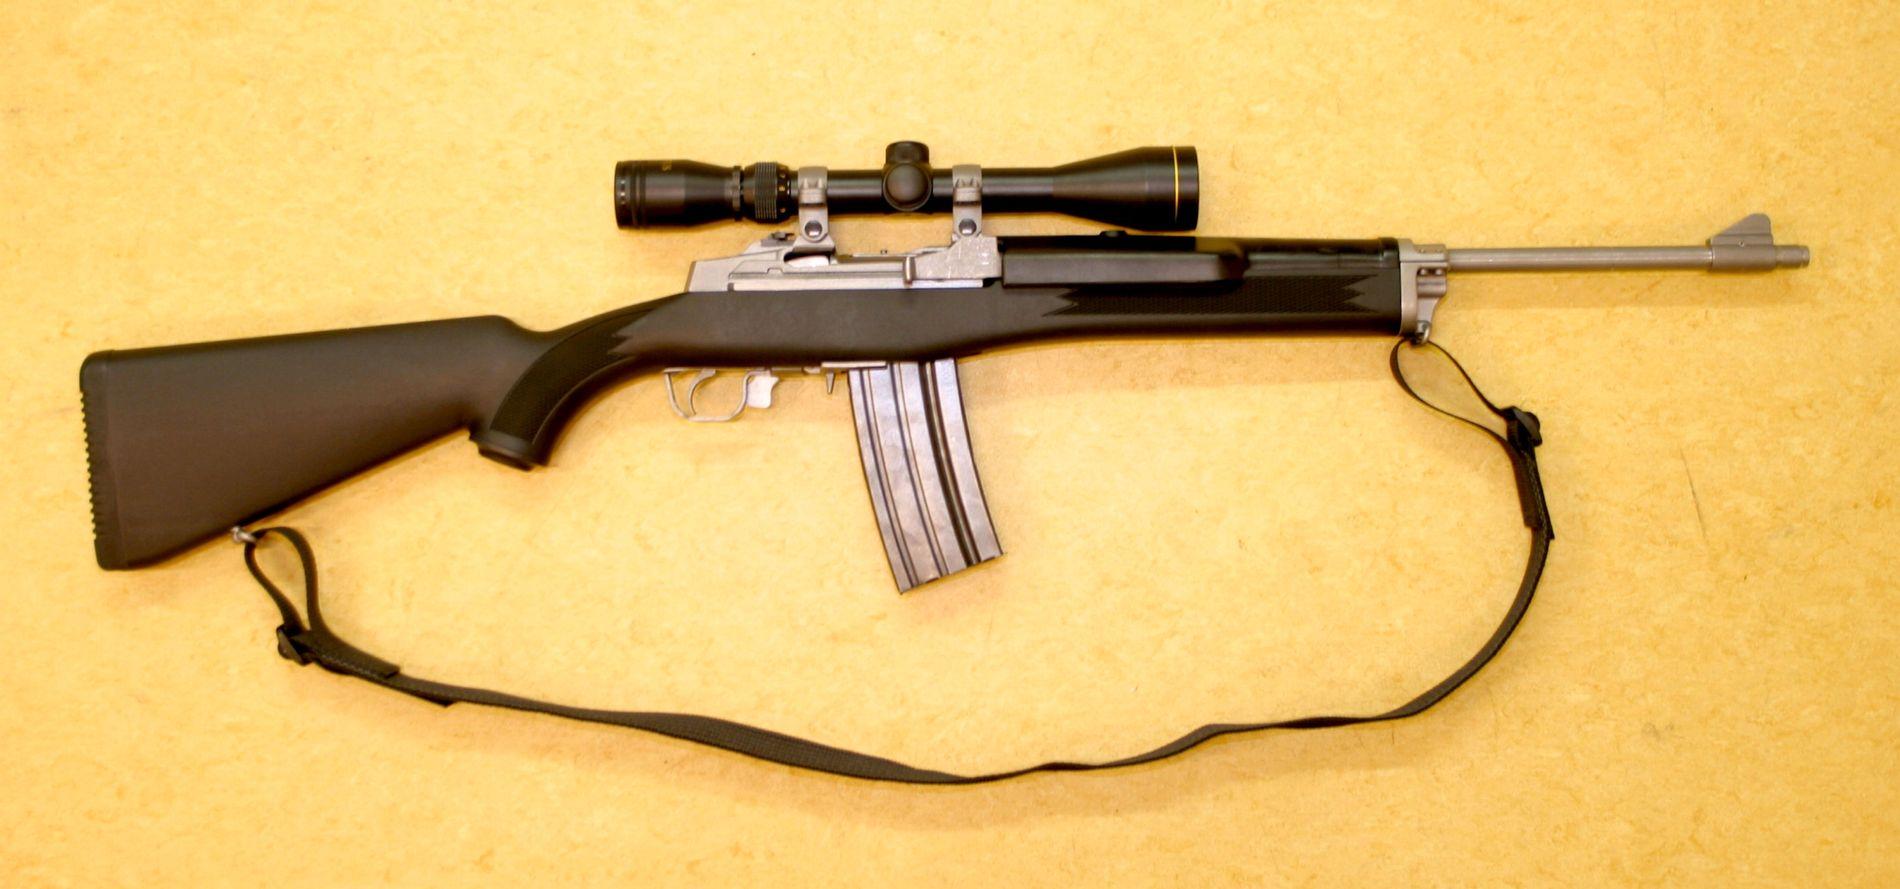 BLIR FORBUDT: Dette er en Ruger Mini 14 – et av våpnene som nå blir forbudt i Norge.